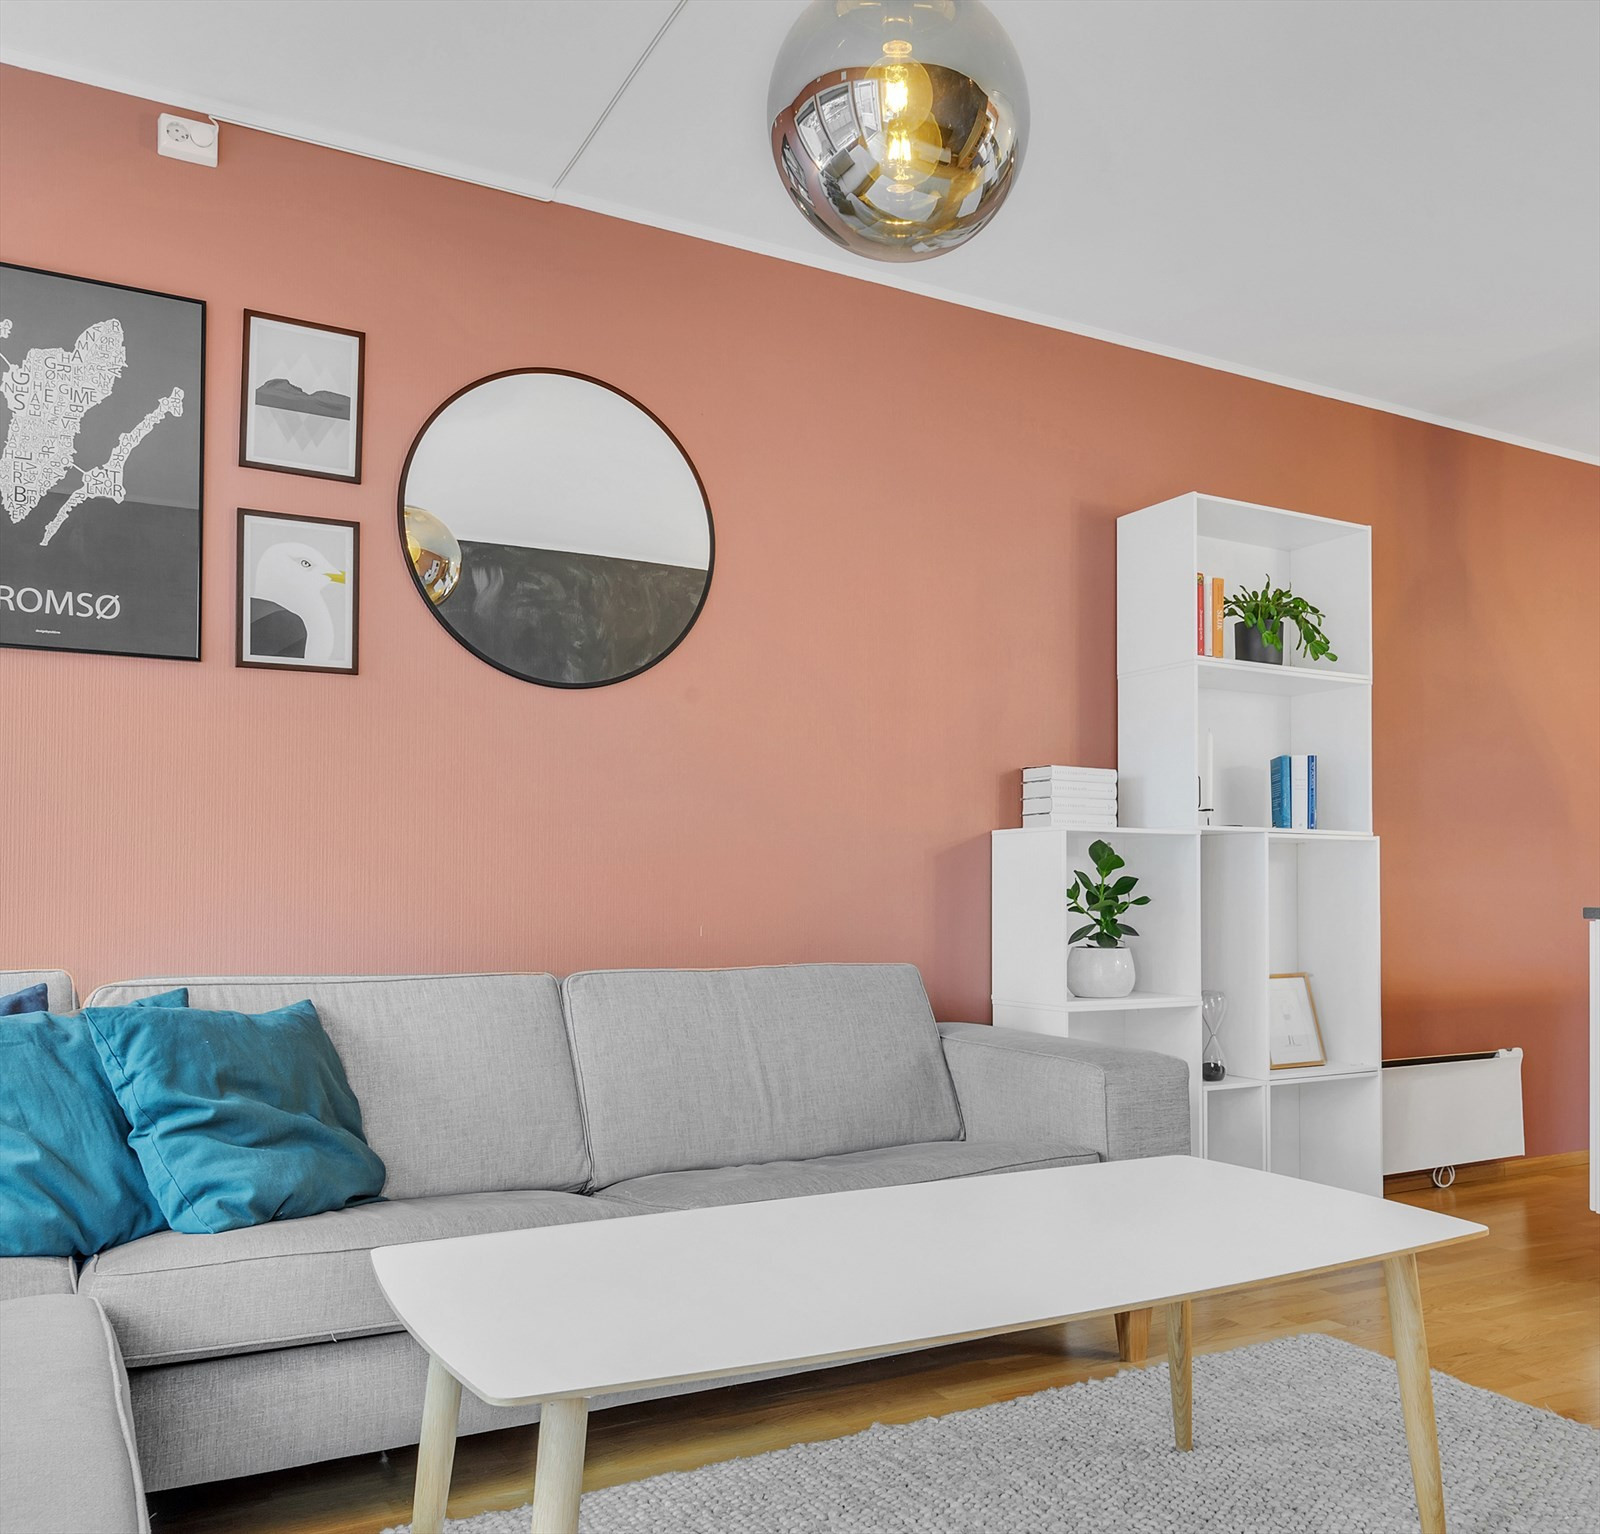 Fresh og tiltalende stue med flotte fargevalg.